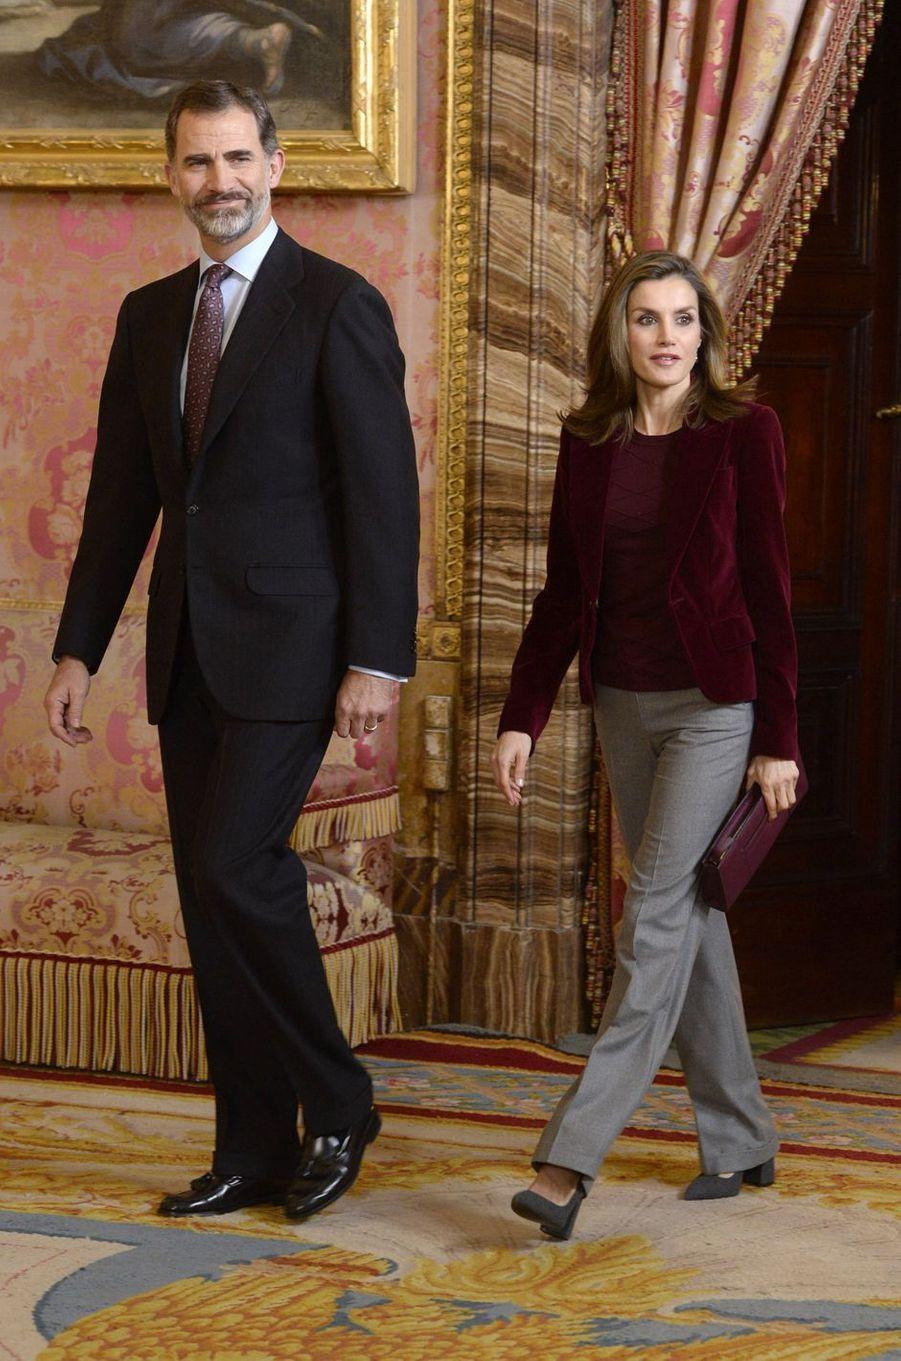 La reine Letizia et le roi Felipe VI d'Espagne au Palais royal à Madrid, le 14 décembre 2016